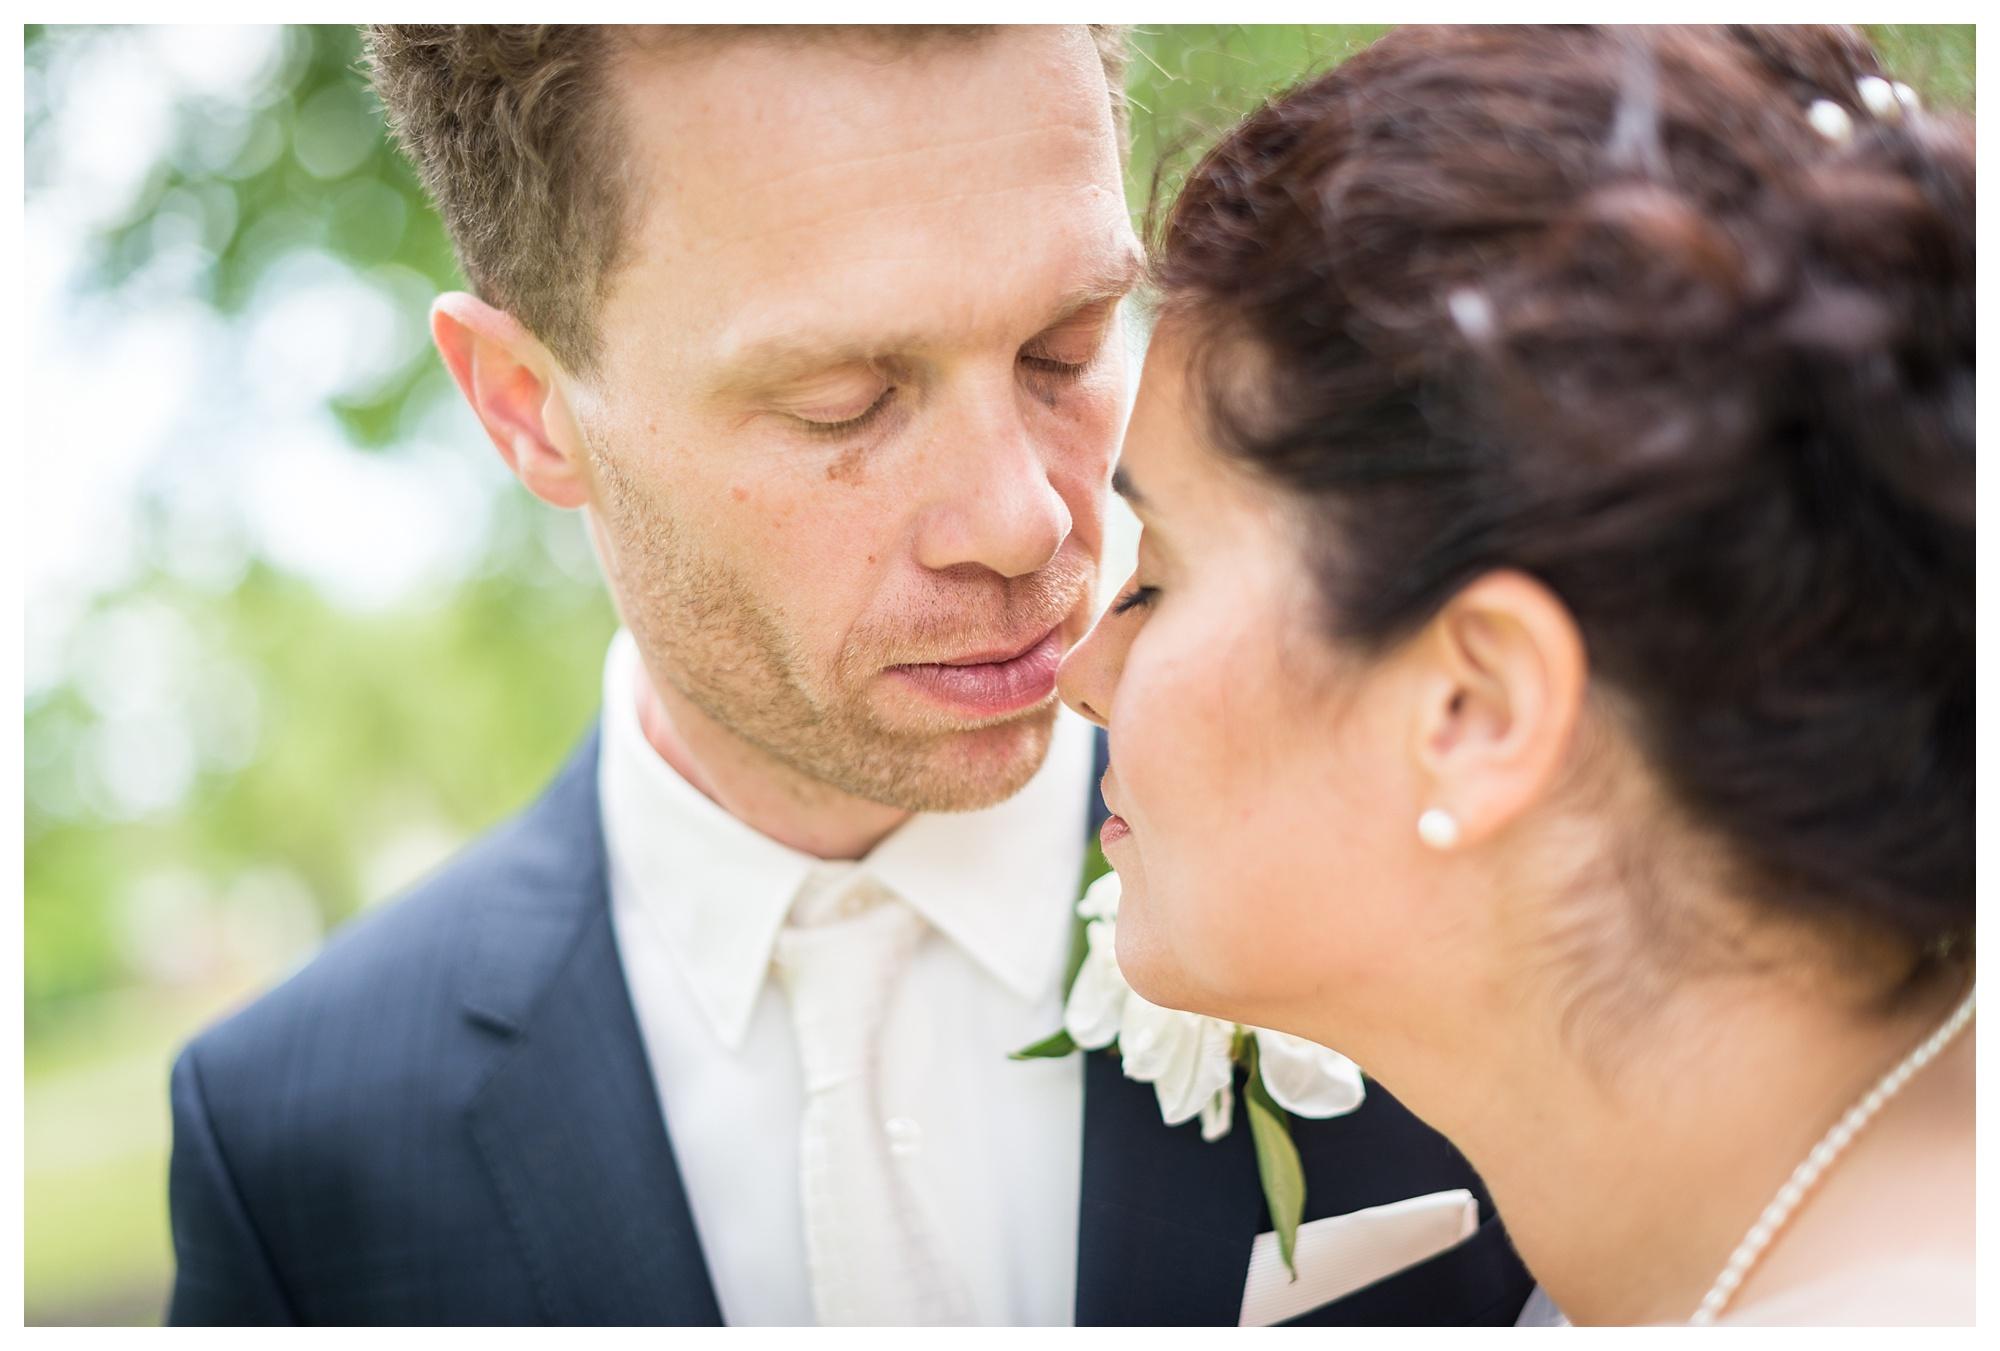 Fotograf Konstanz - Hochzeit Tanja Elmar Elmar Feuerbacher Photography Konstanz Messkirch Highlights 078 - Hochzeitsreportage von Tanja und Elmar im Schloss Meßkirch  - 74 -